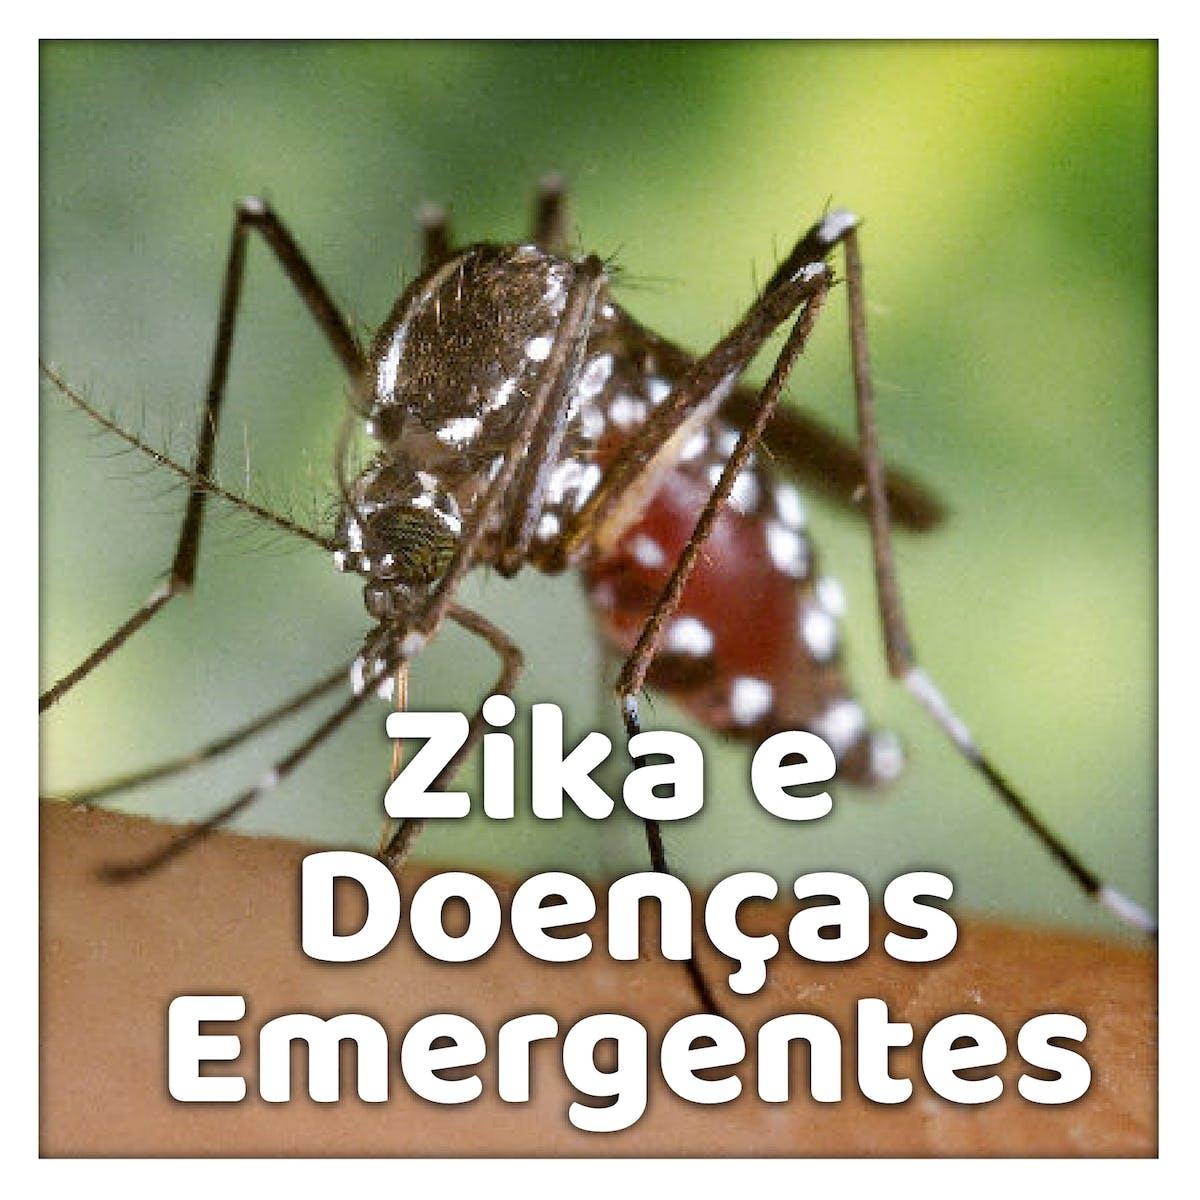 Compreendendo o Zika e doenças emergentes